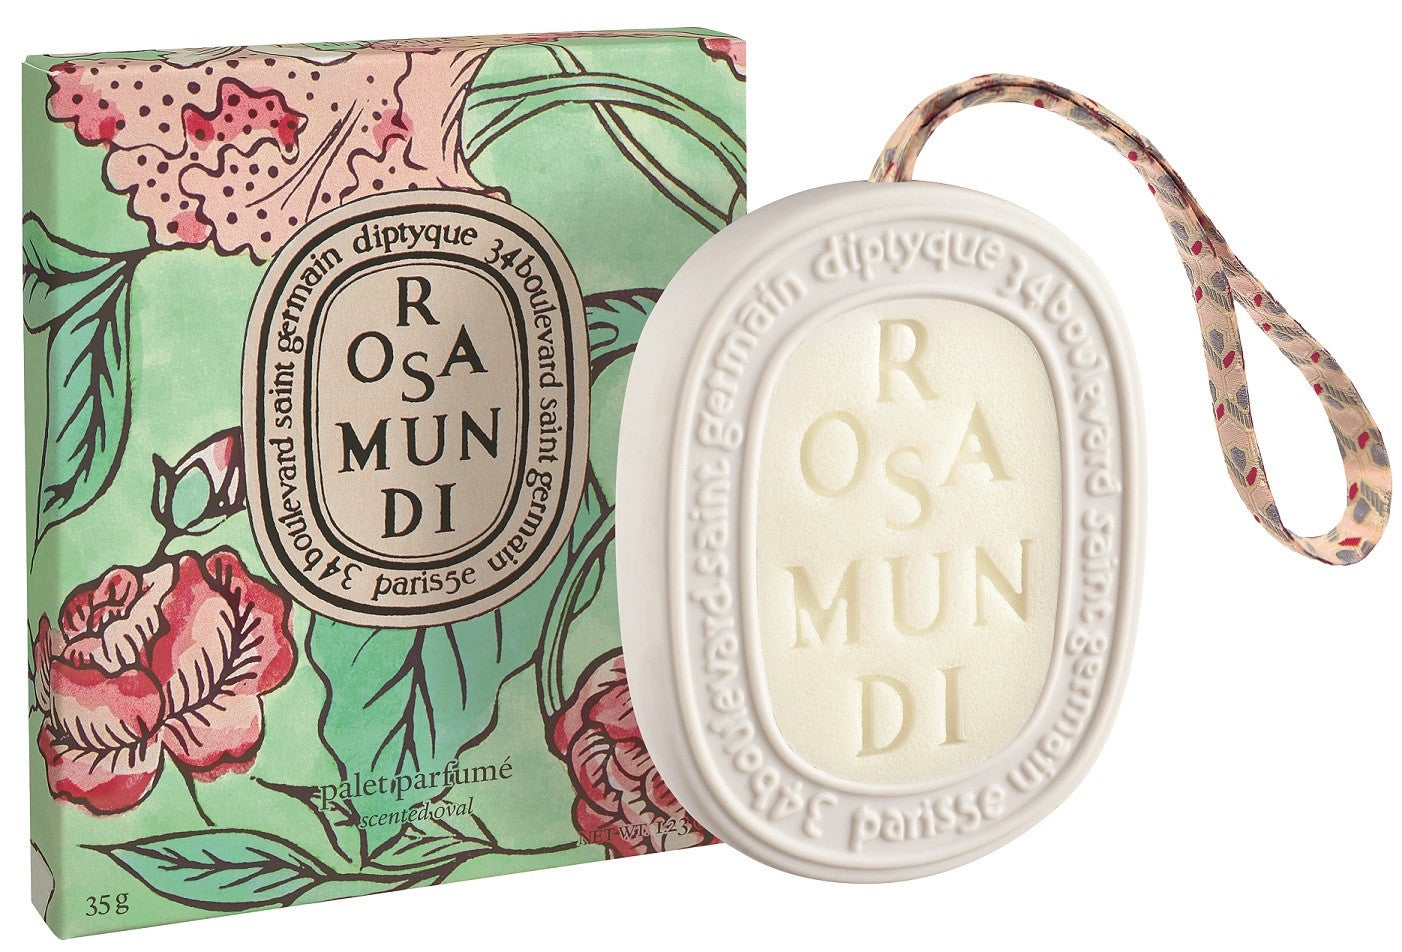 Slide 9 Diptyque Paris Rosa Mundi_Scented Oval_Packaging.jpg